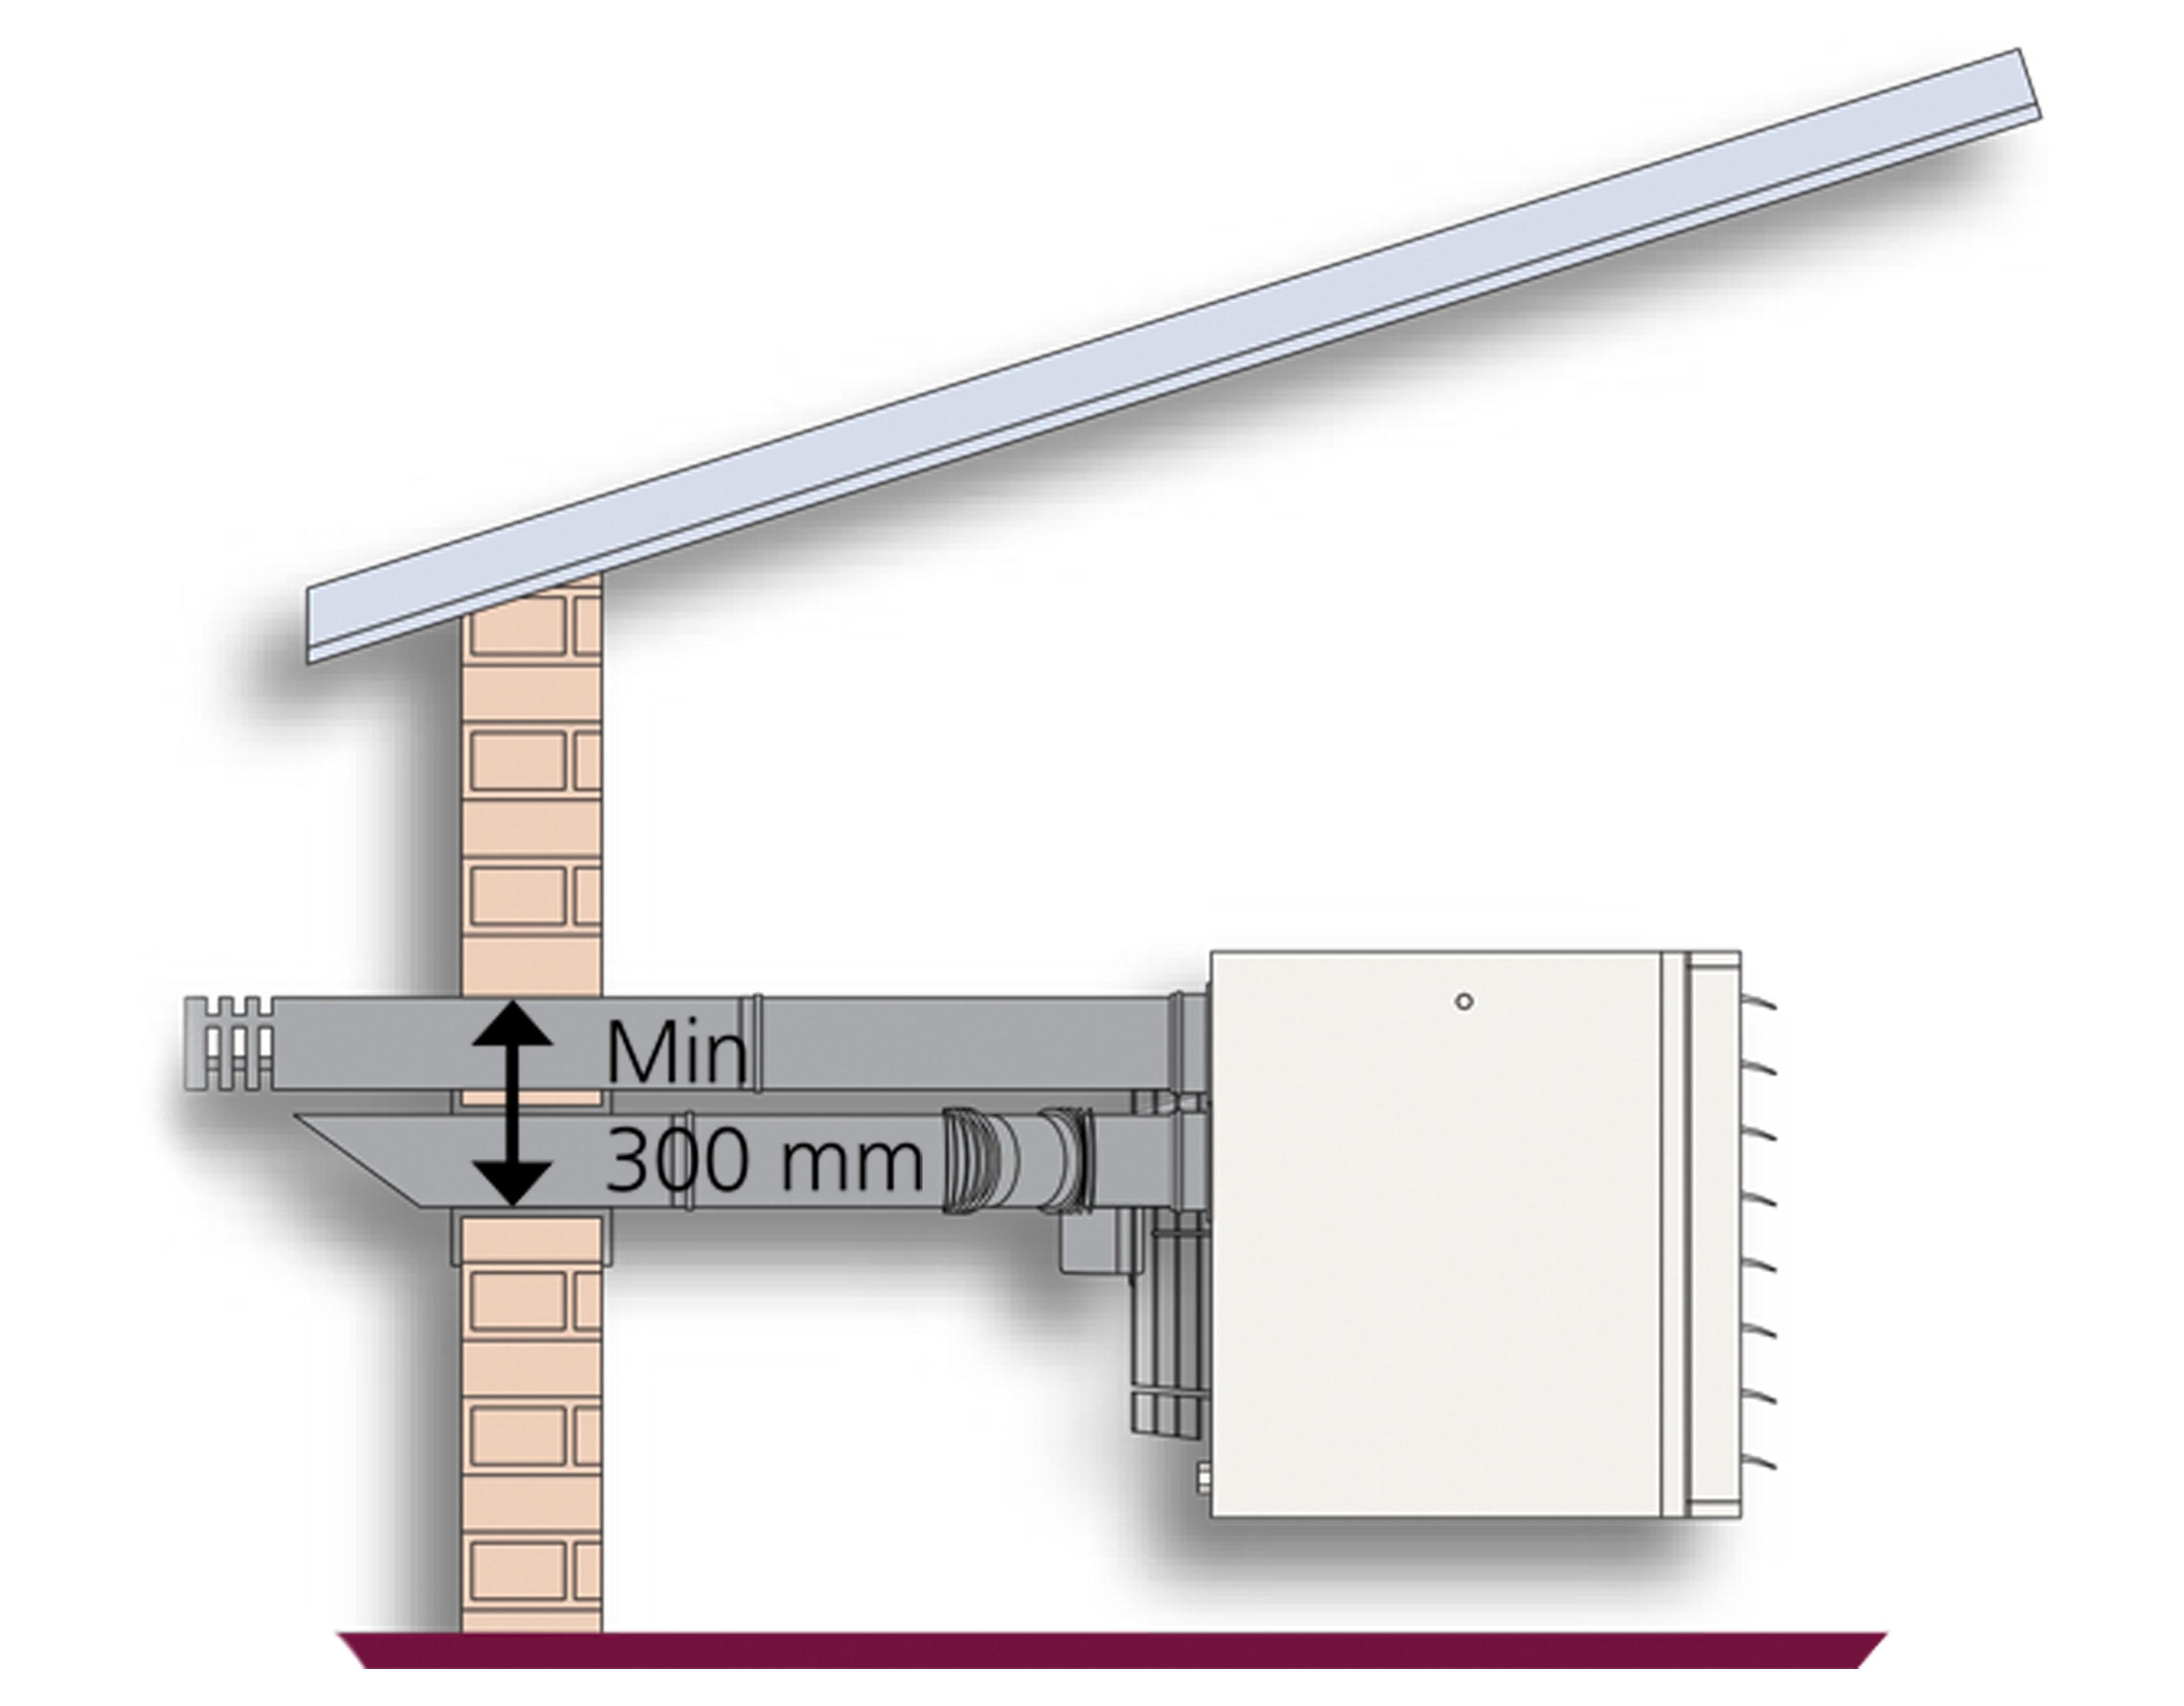 تامین هوای تازه از فضای بیرون با لوله غیر مشترک